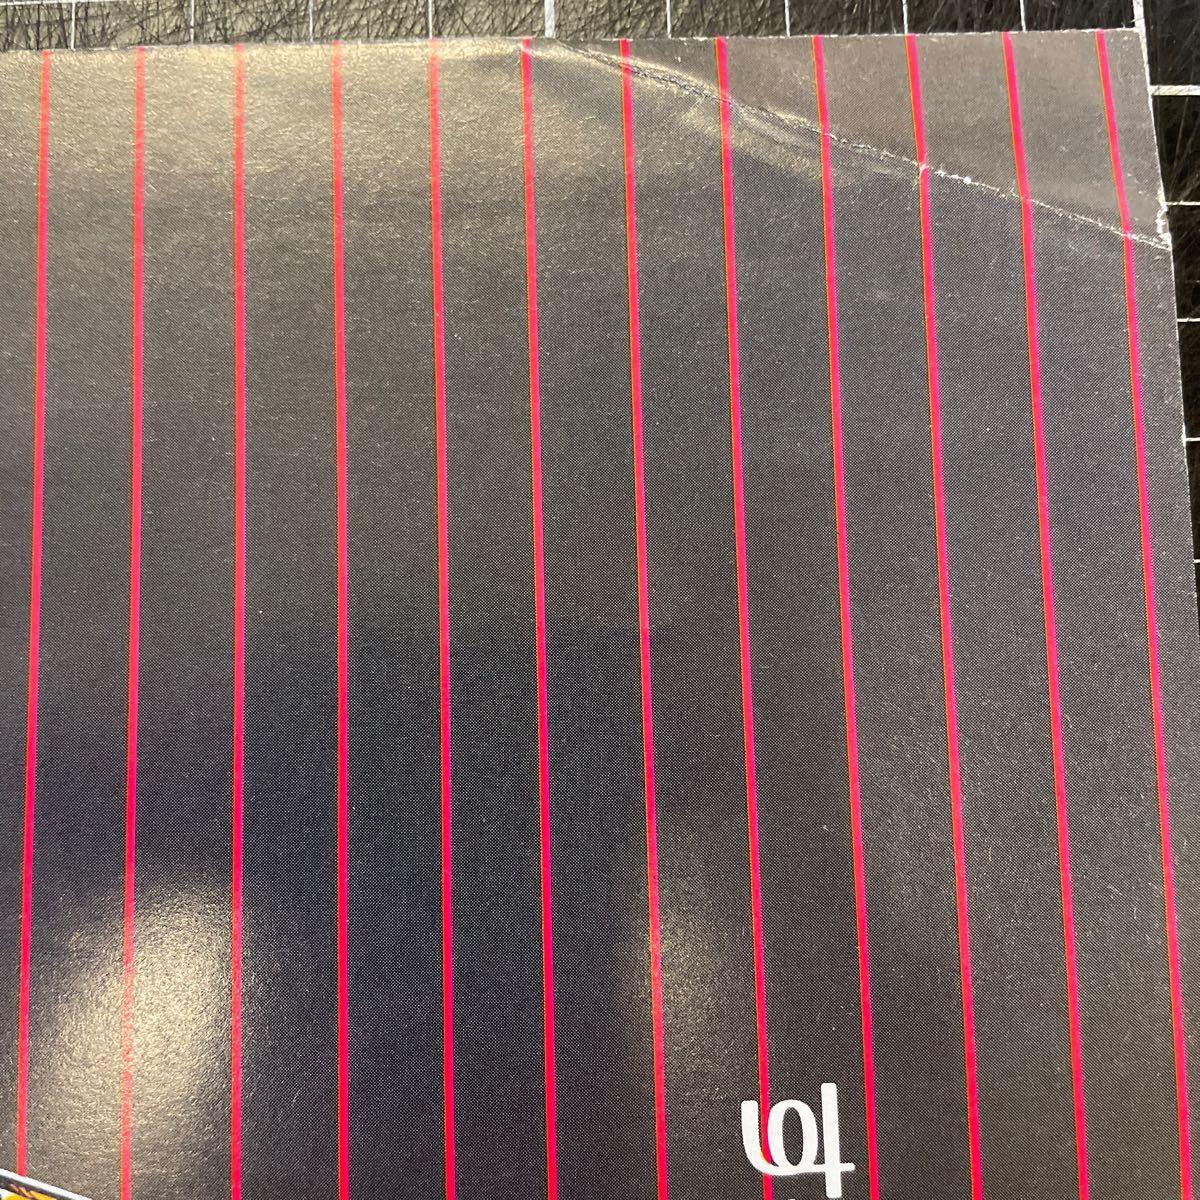 No.908 アーケードゲーム namco 1994年 通信機能搭載レーシングゲーム FINALL LAP R 業務用 非売品 カタログ ナムコ ファイナルラップR_画像5